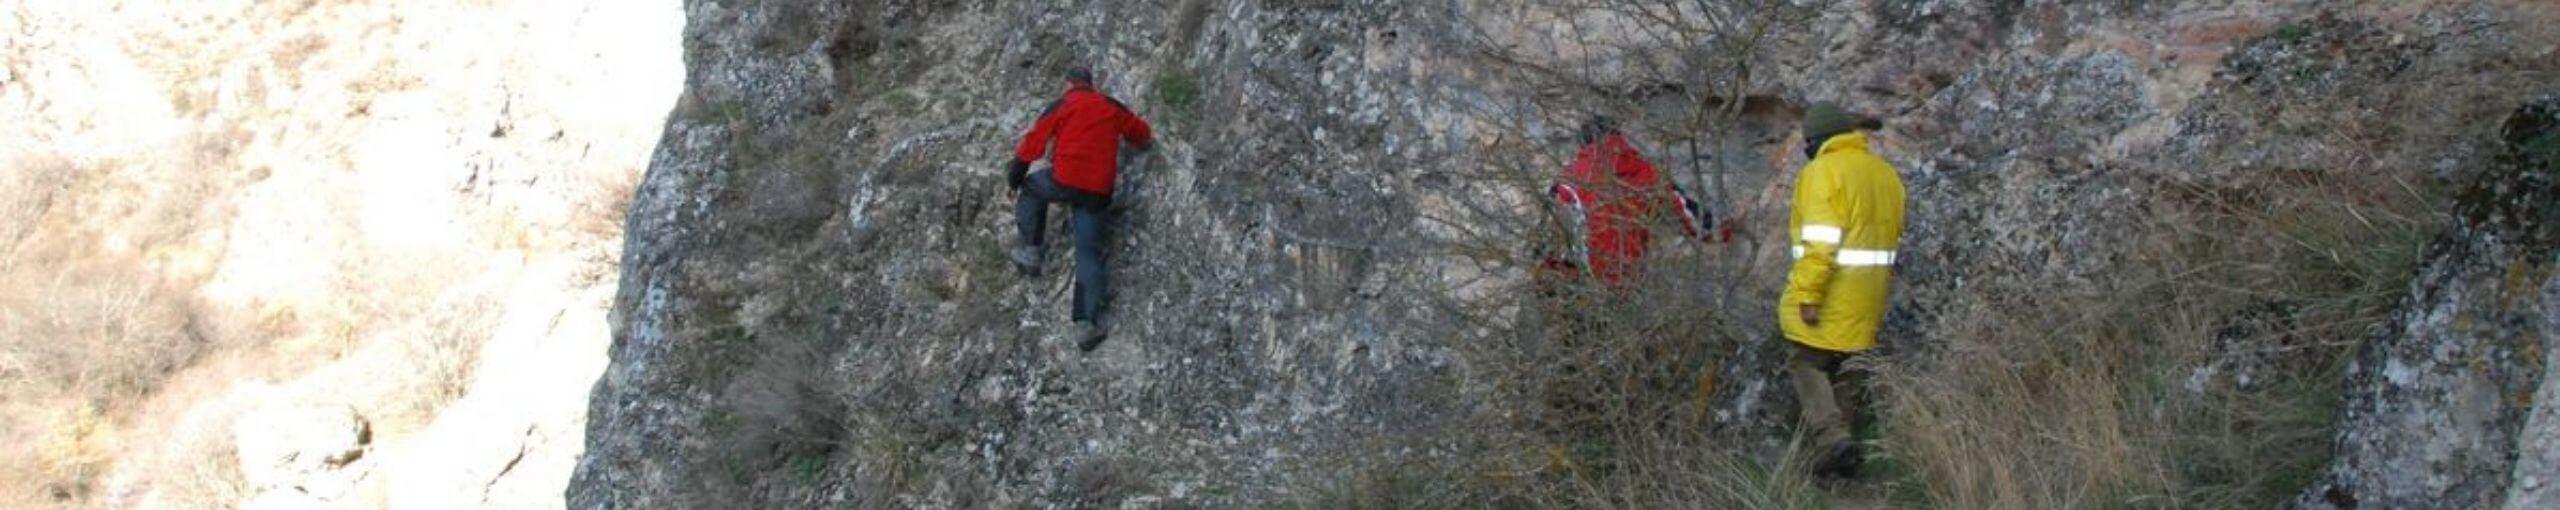 Camino Equipado Cascada del Gollorio